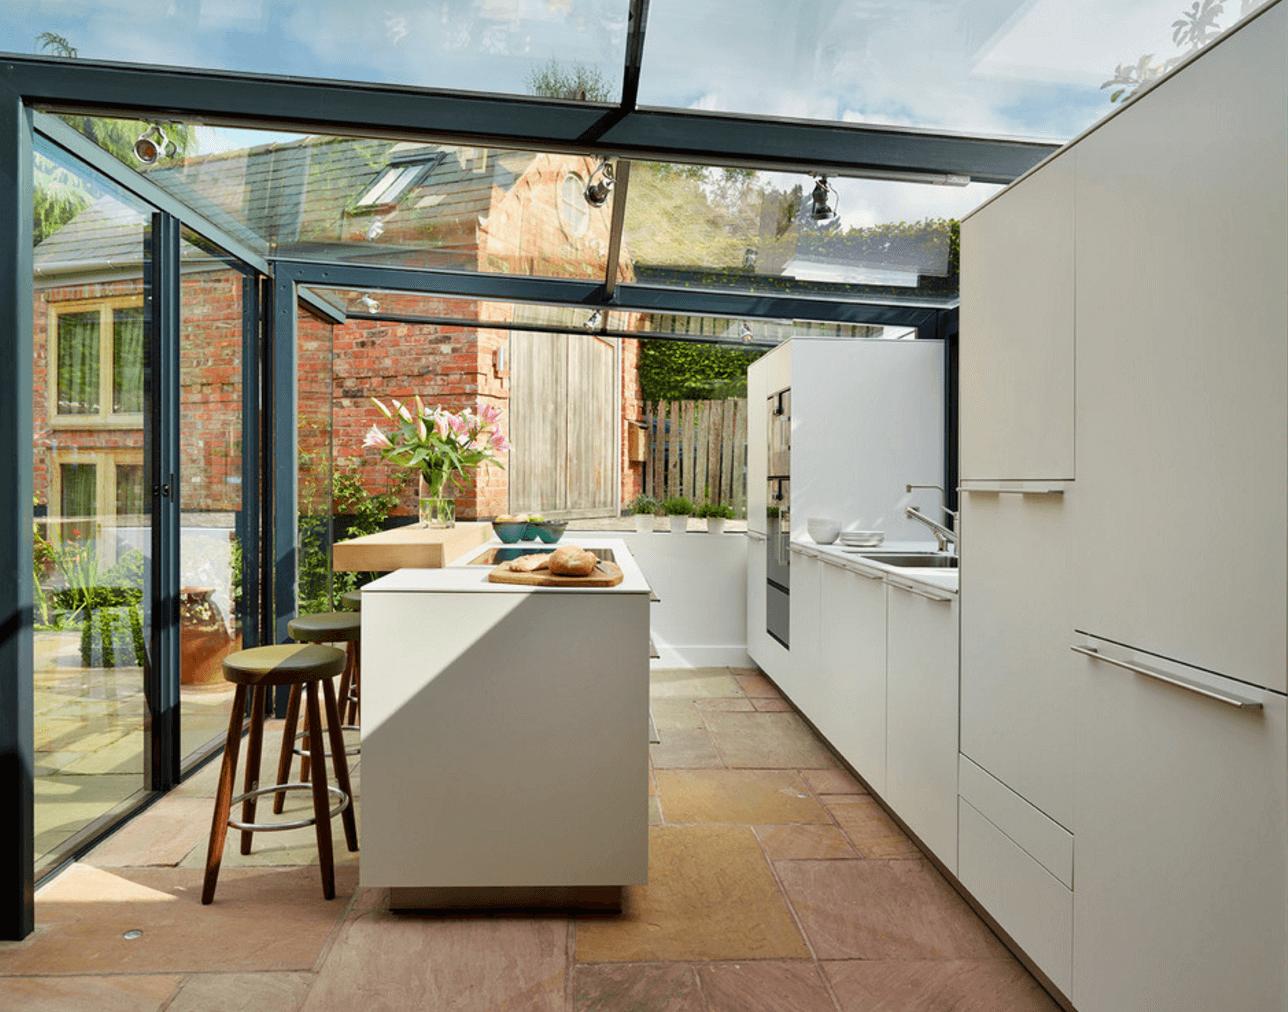 Красивая летняя кухня с застеклённым навесом